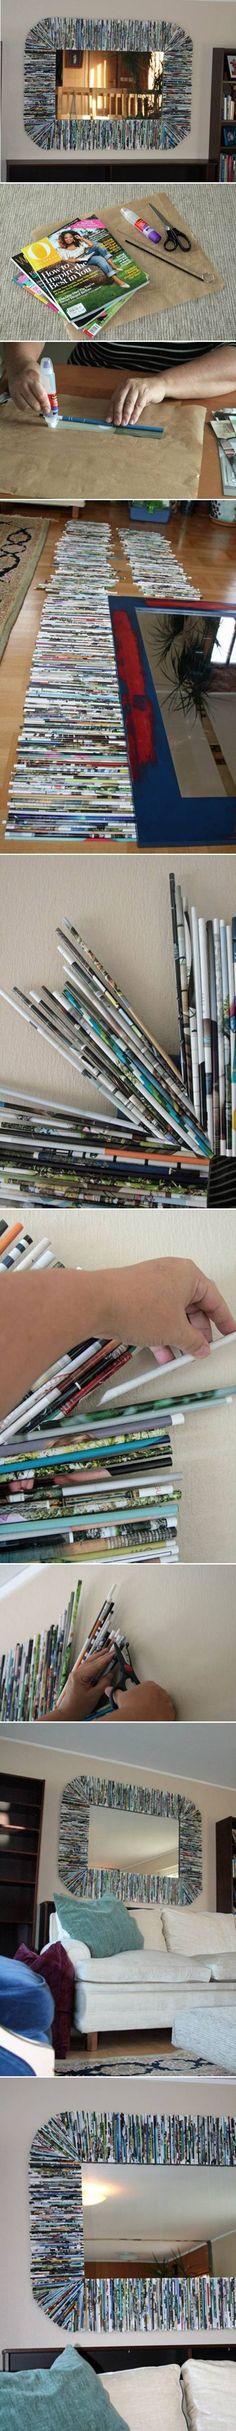 Marco de espejo con revistas recicladas - Recycle Magazine Mirror Frame